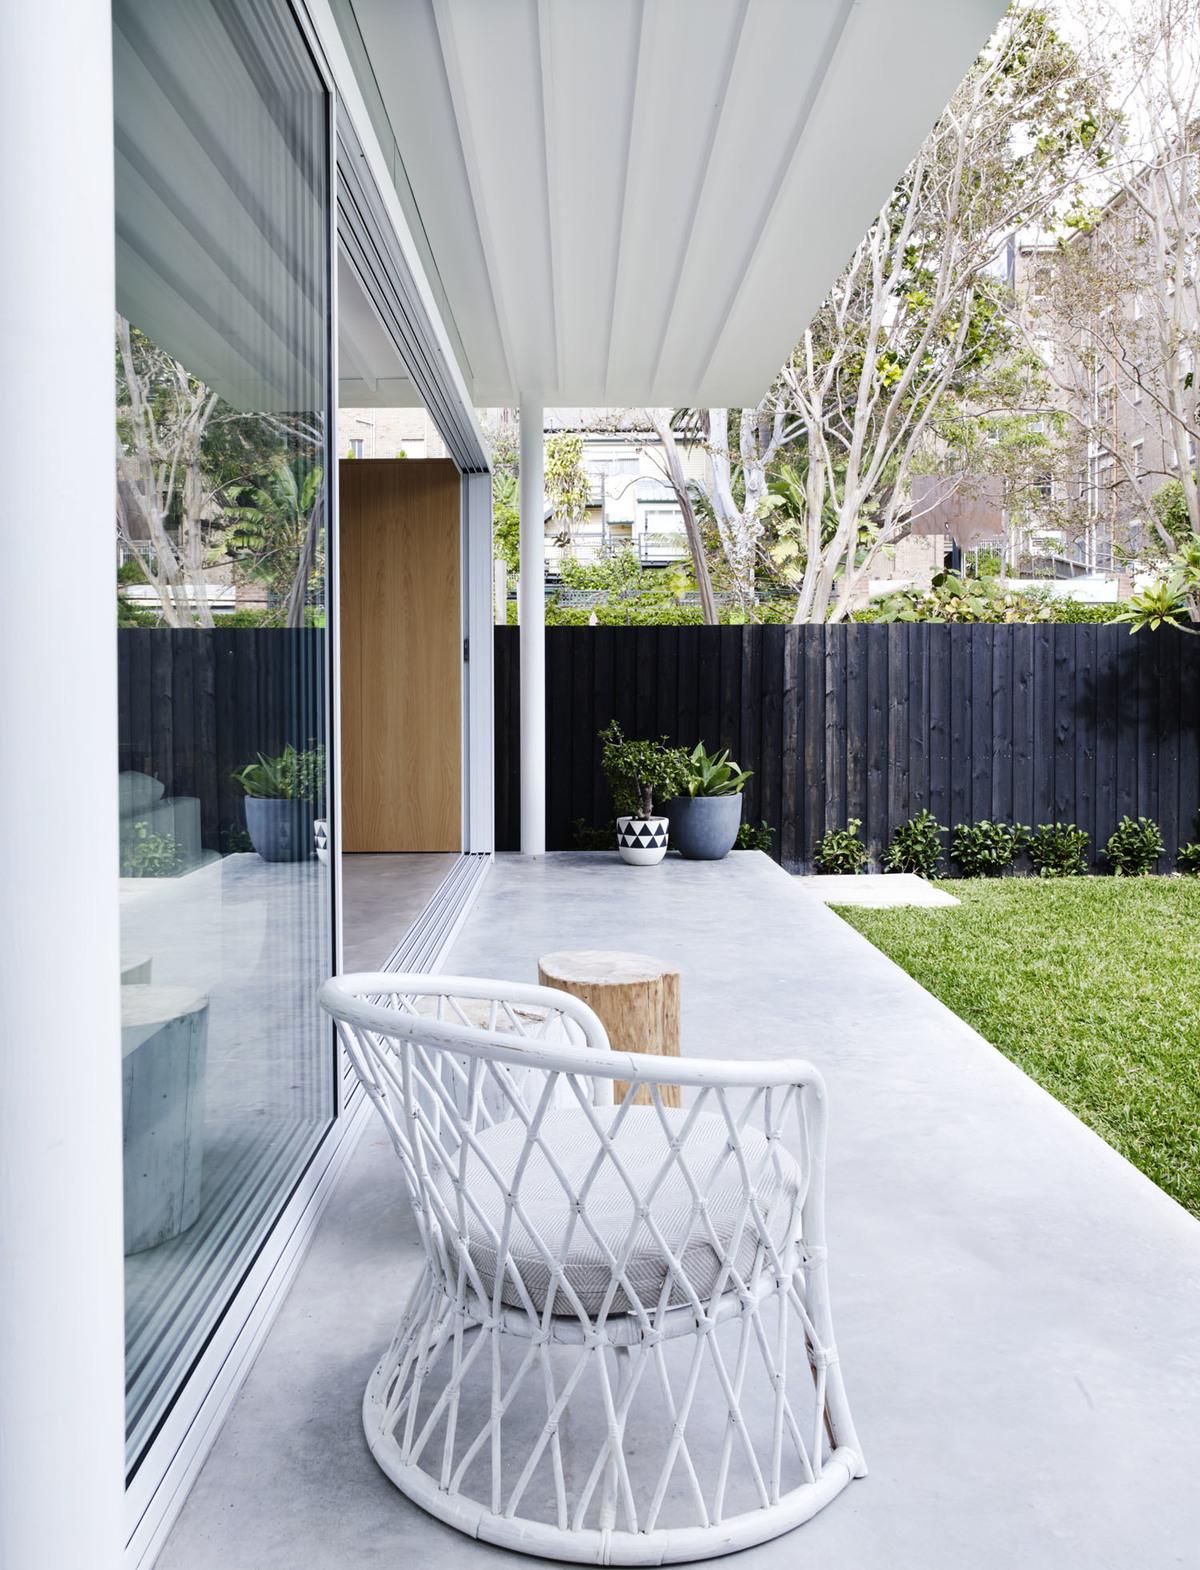 Coogee House - Local Garden Porch Design - Madeleine Blanchfield Architects - Interior Archive